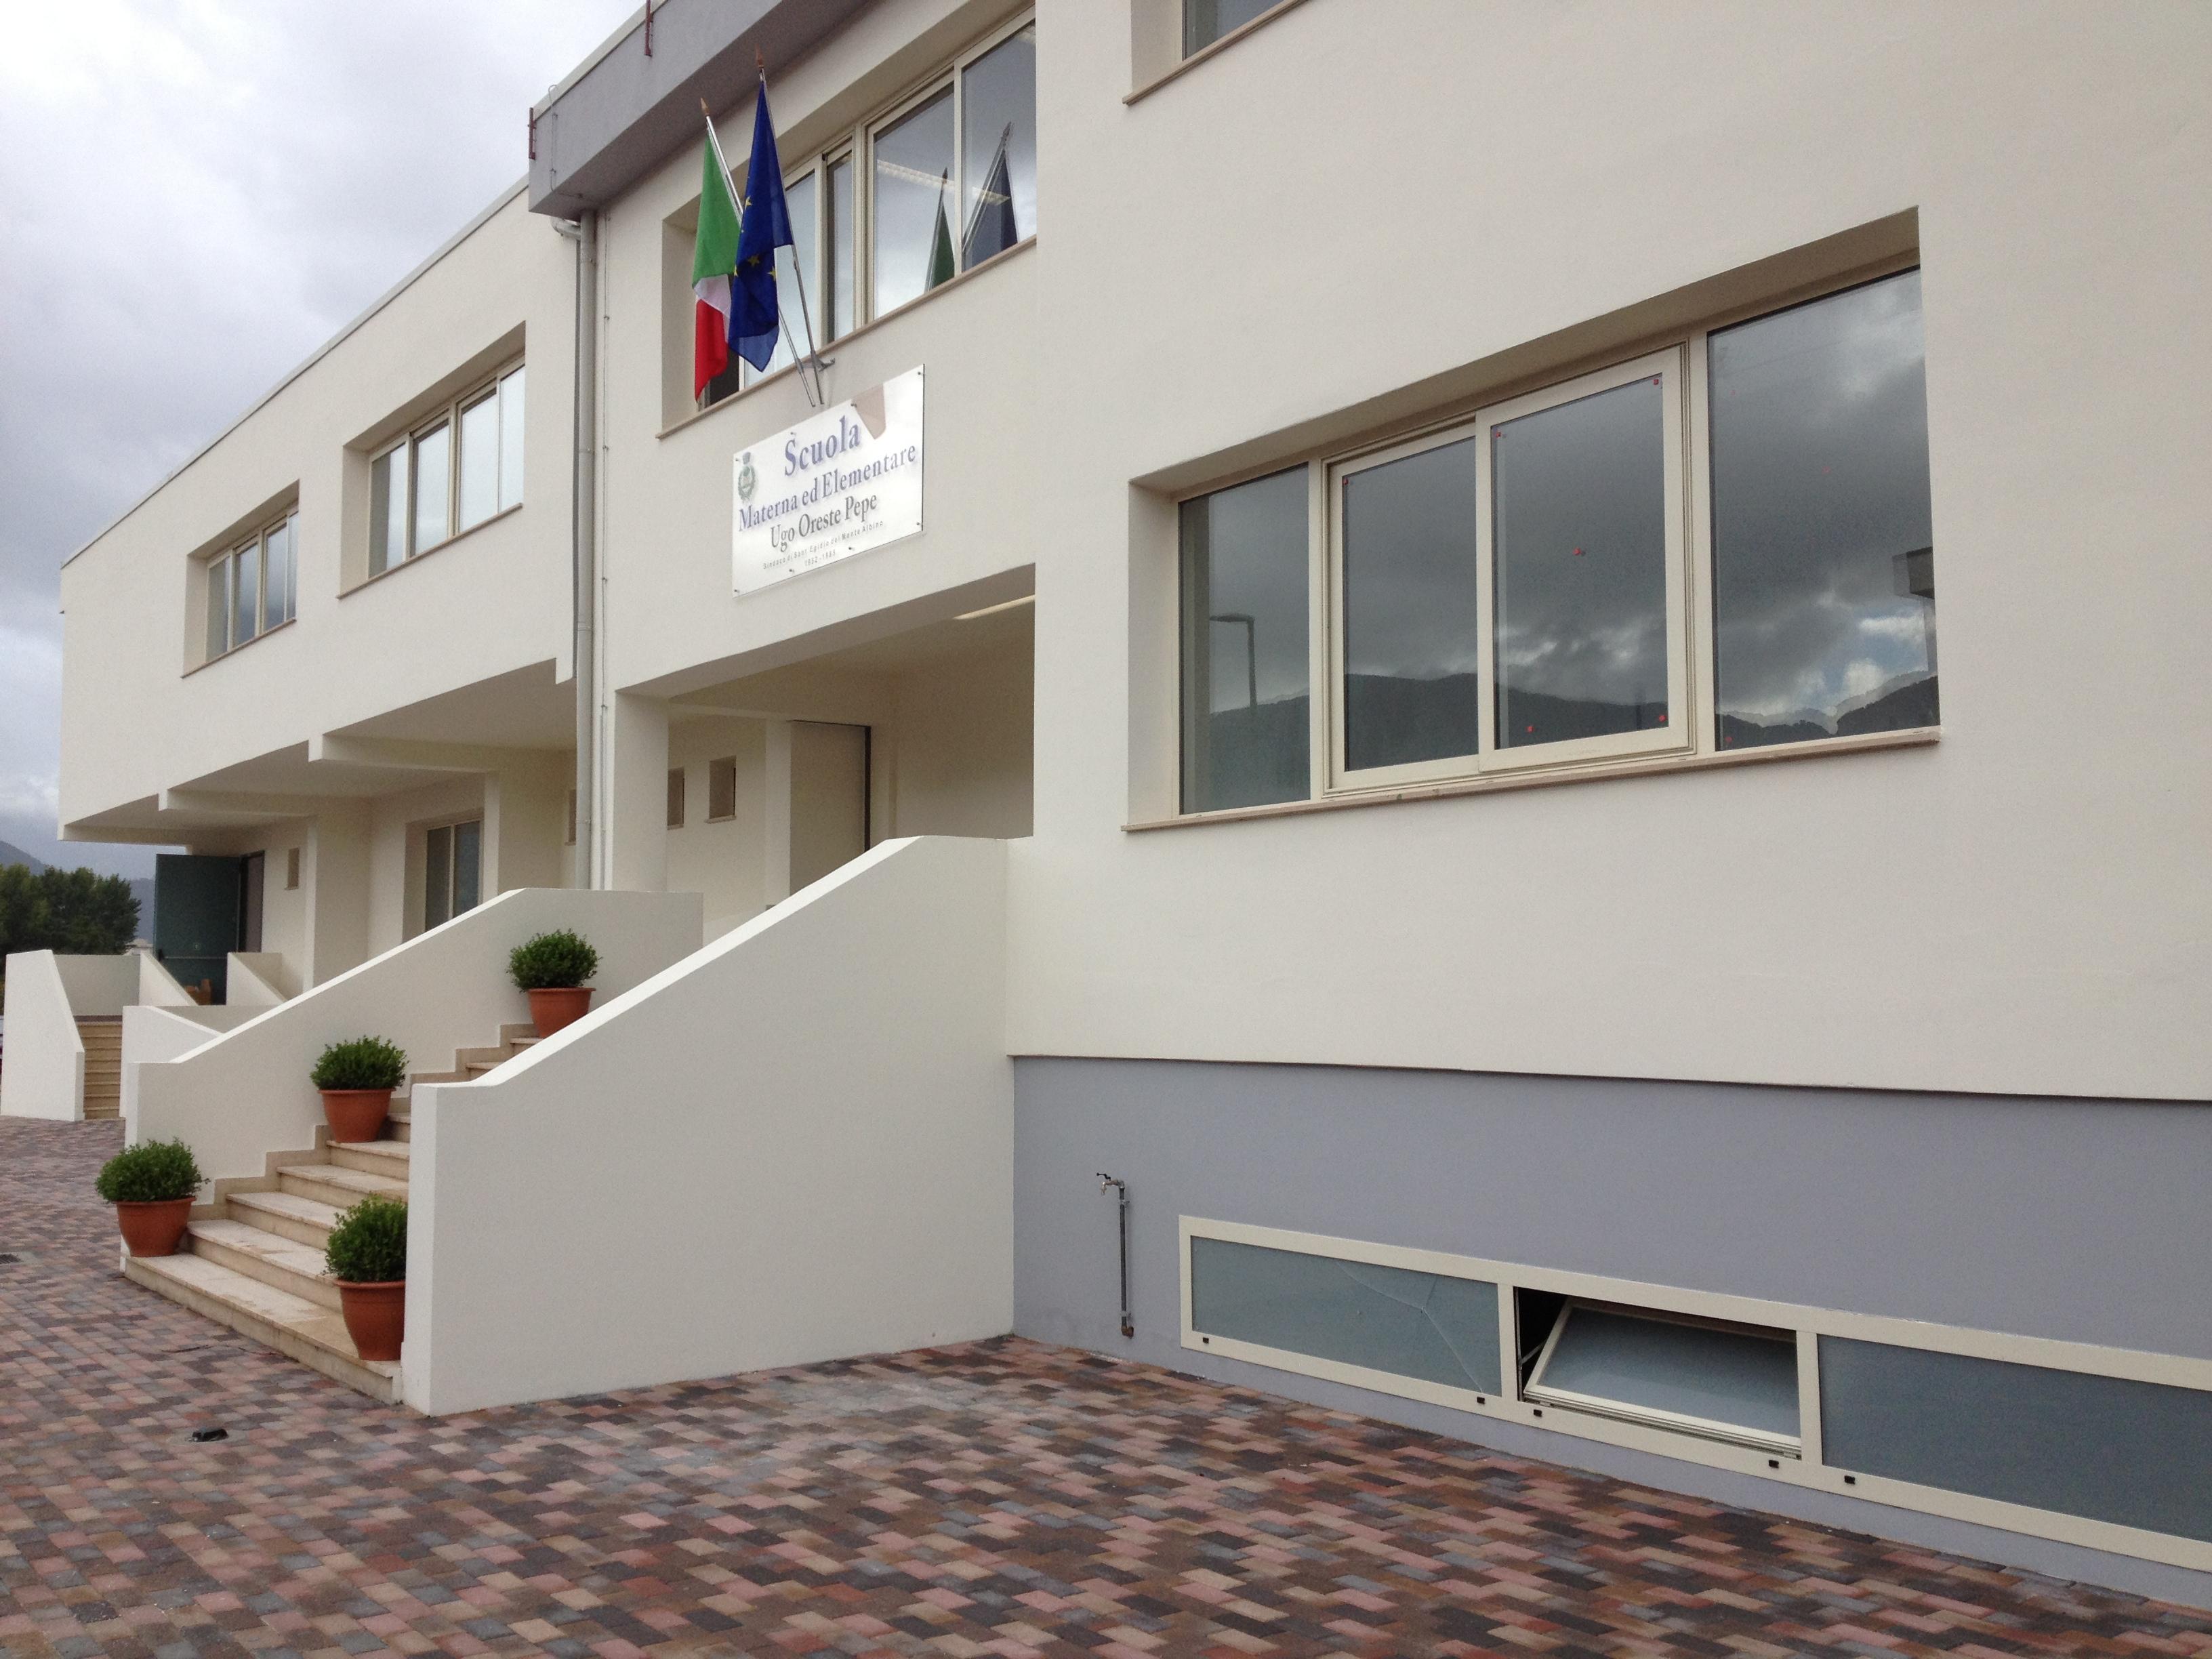 costruzione scuola magliano costruzioni